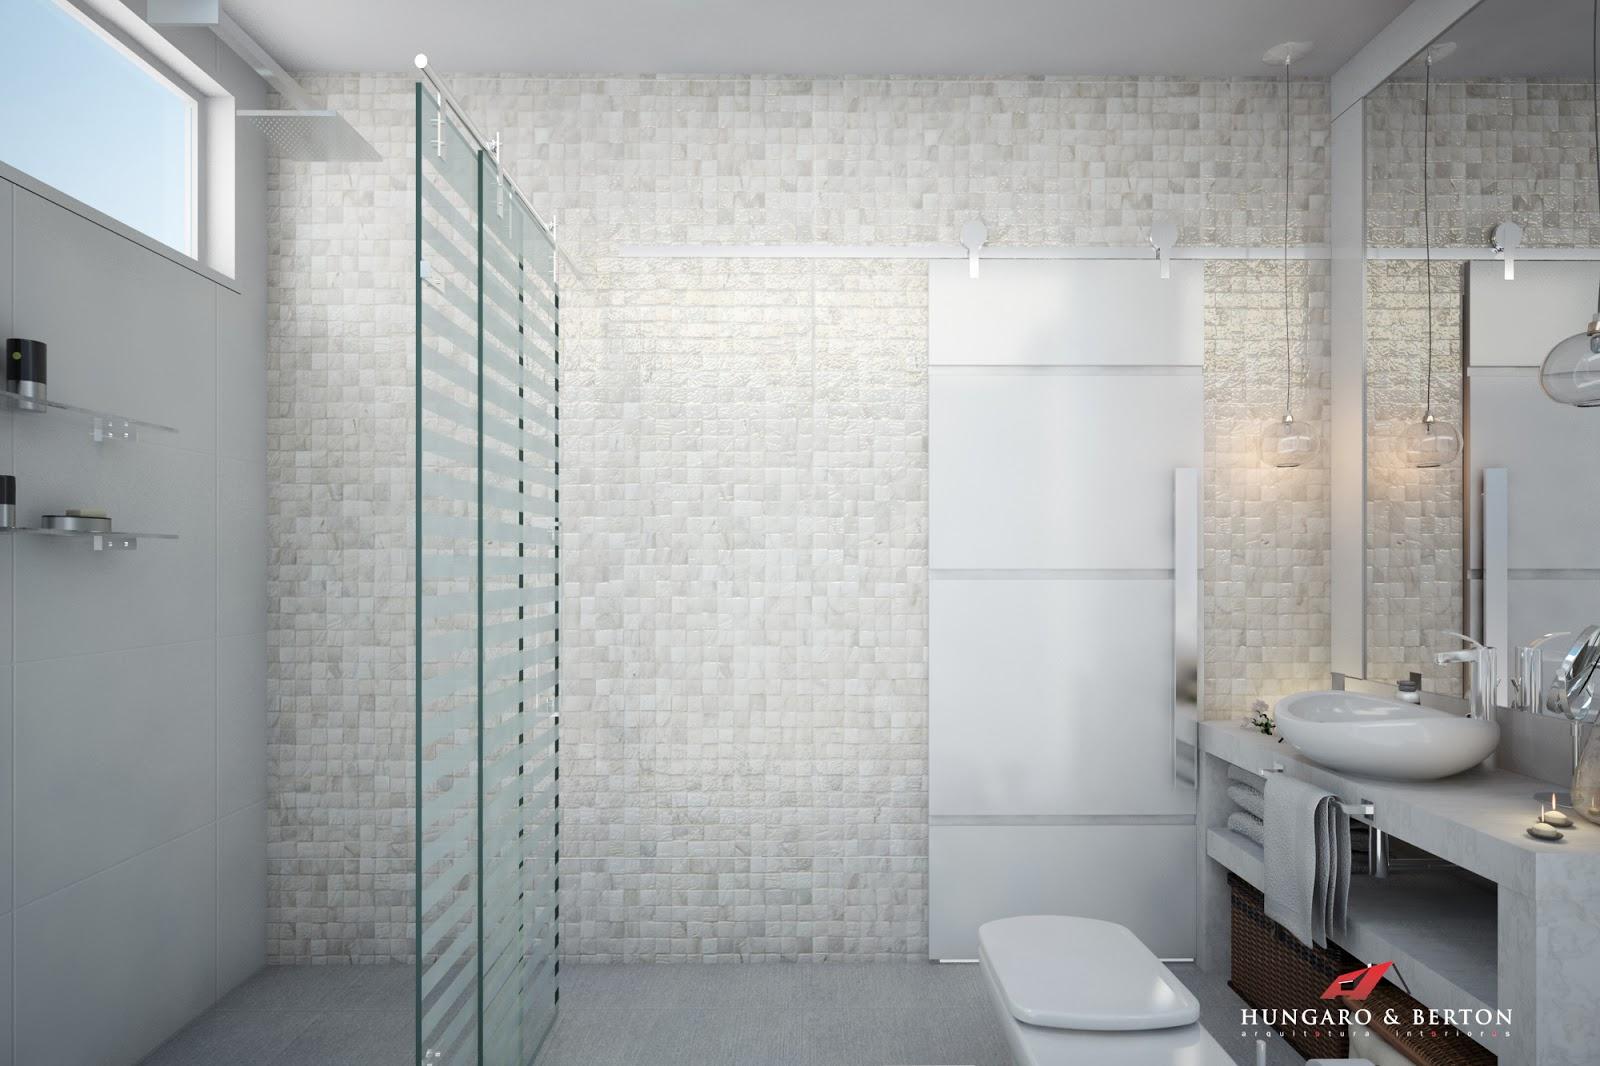 Arquitetura e interiores reforma de apartamento - Reforma de interiores ...